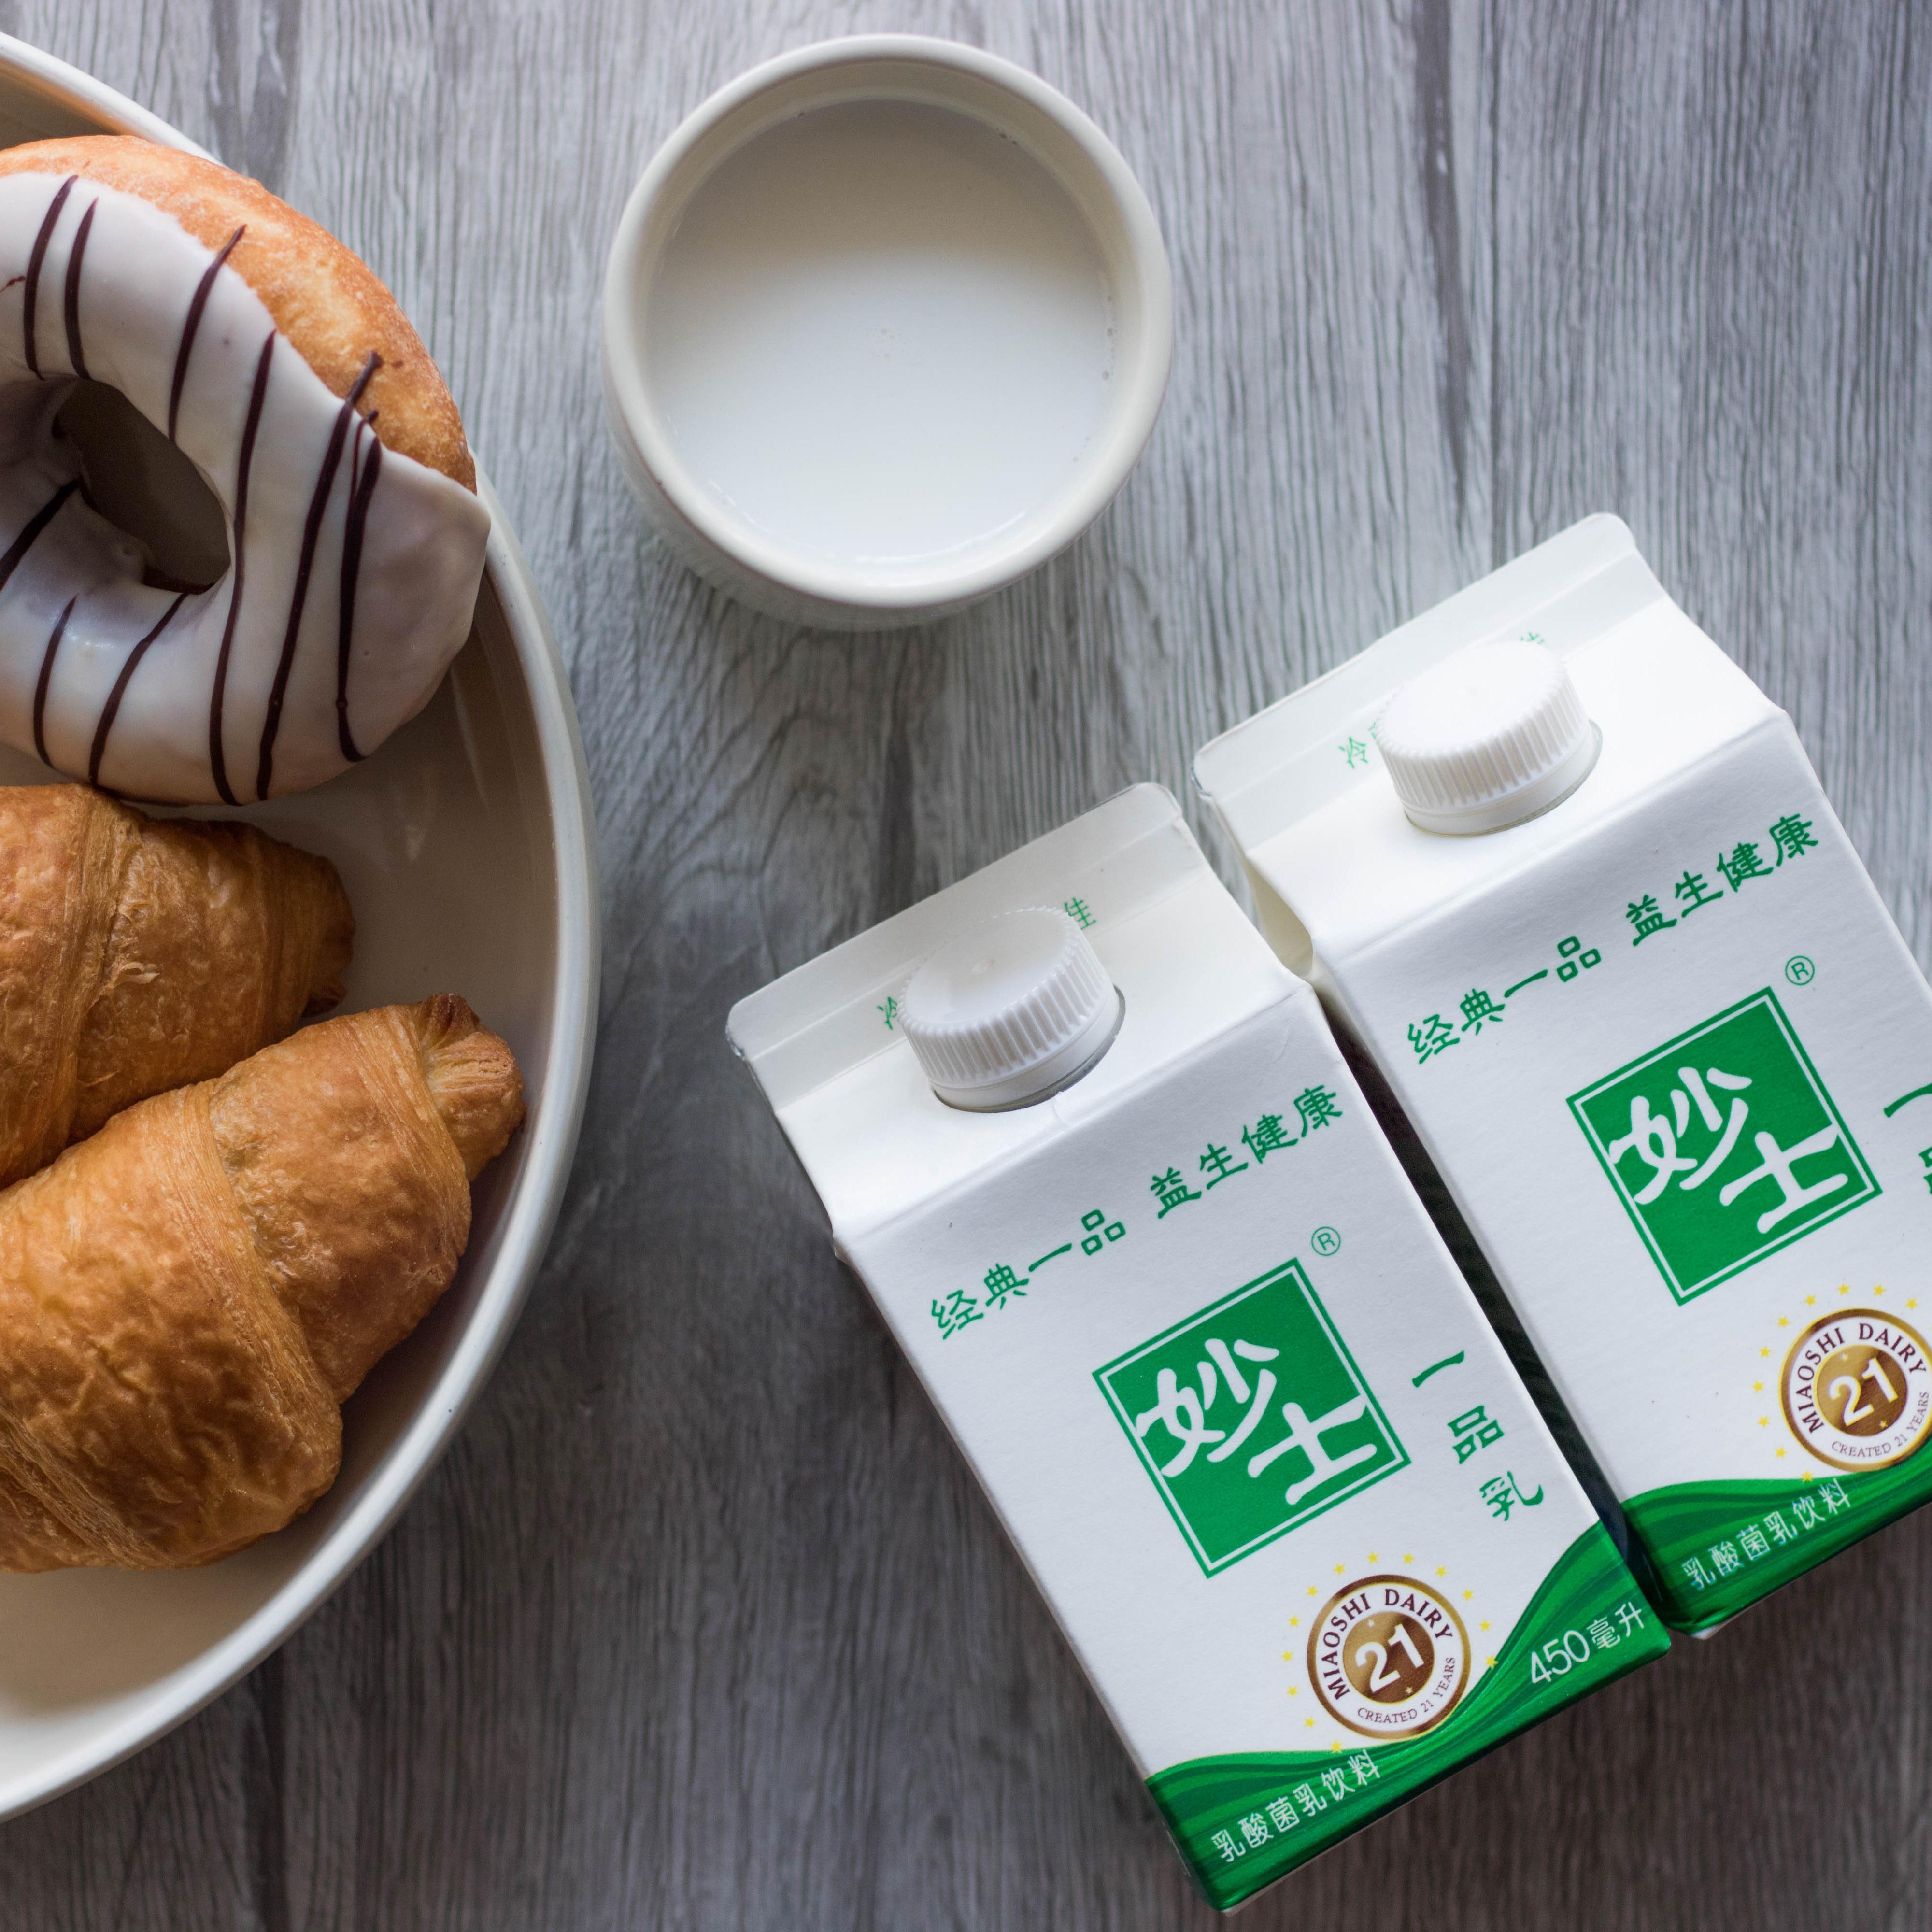 奶制品_妙士一品乳酸奶制品450ml15盒老品牌包邮好喝益生菌酒店新鲜常温5元优惠券